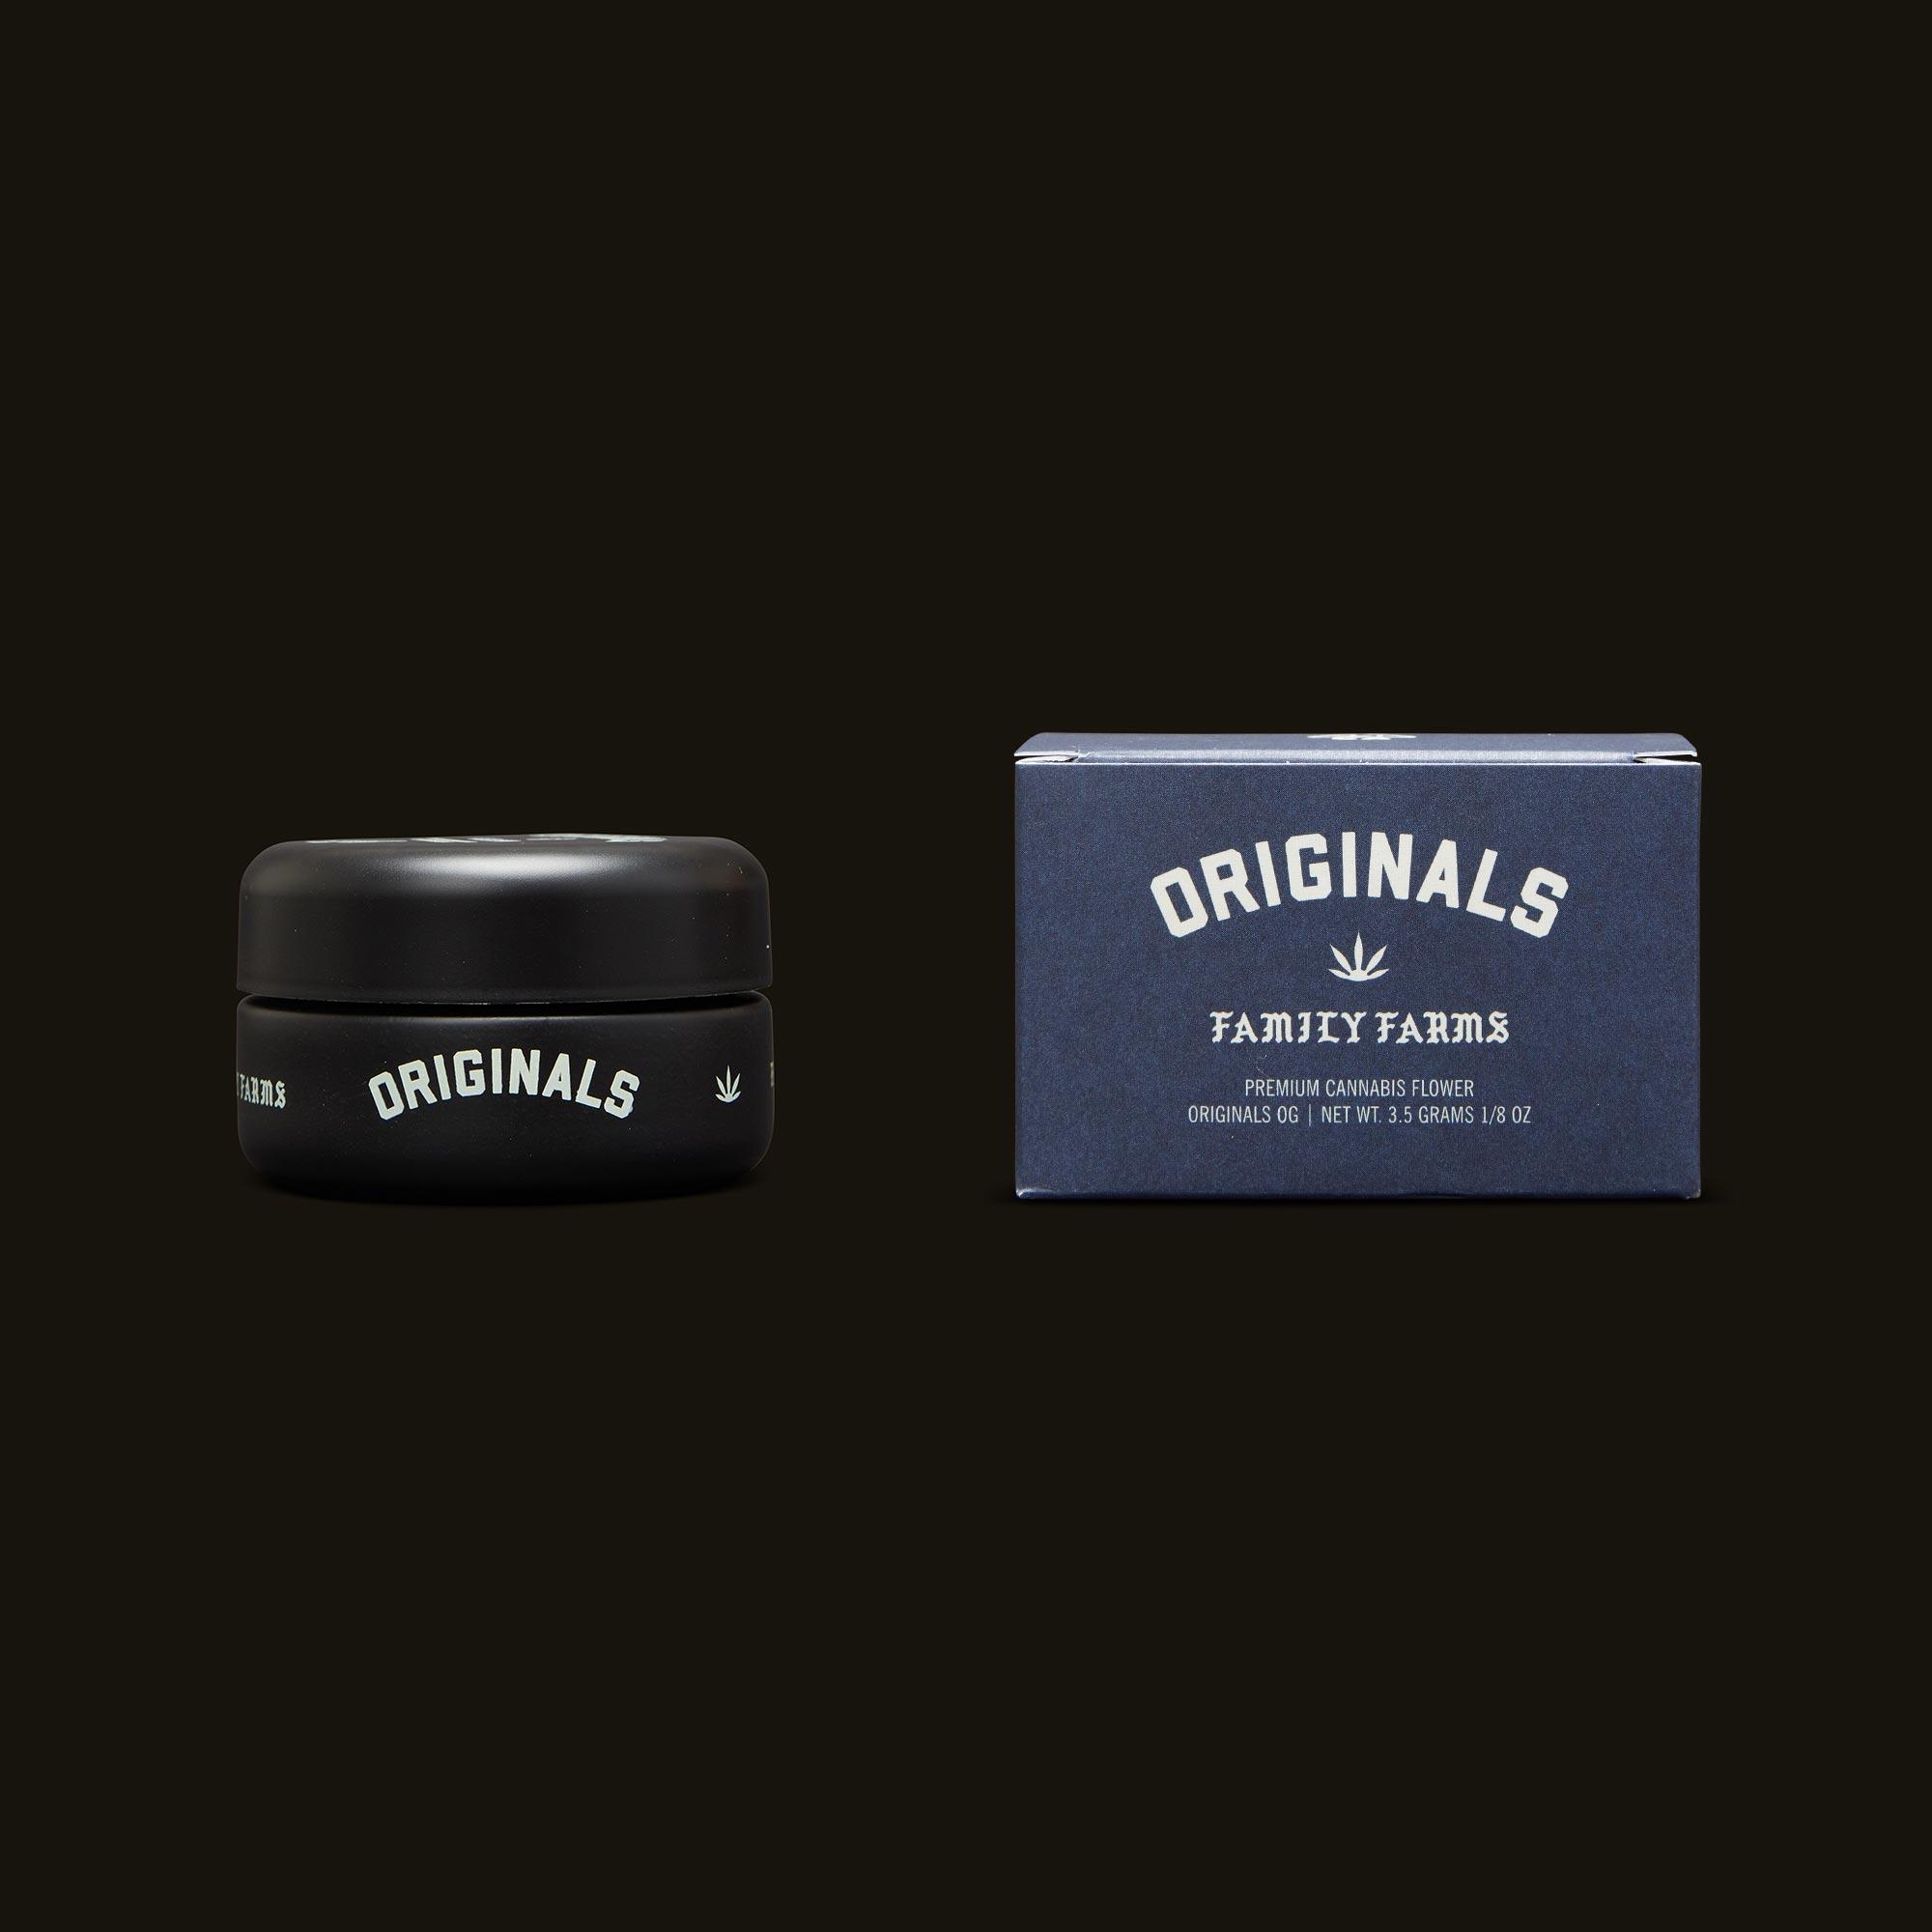 Originals Originals OG Jar and Packaging